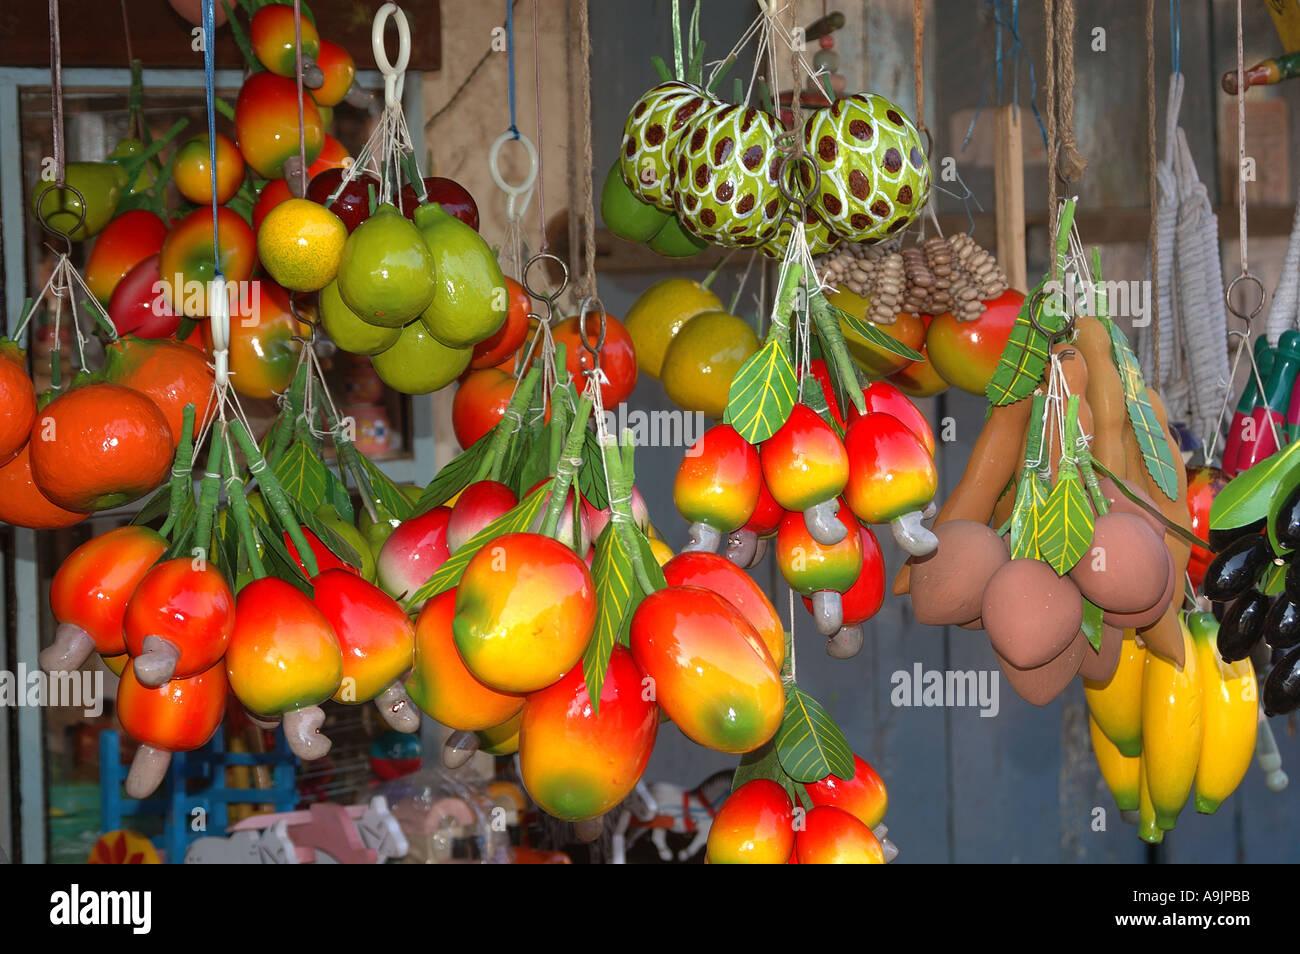 Wooden Toys Sawantwadi Stock Photos Wooden Toys Sawantwadi Stock